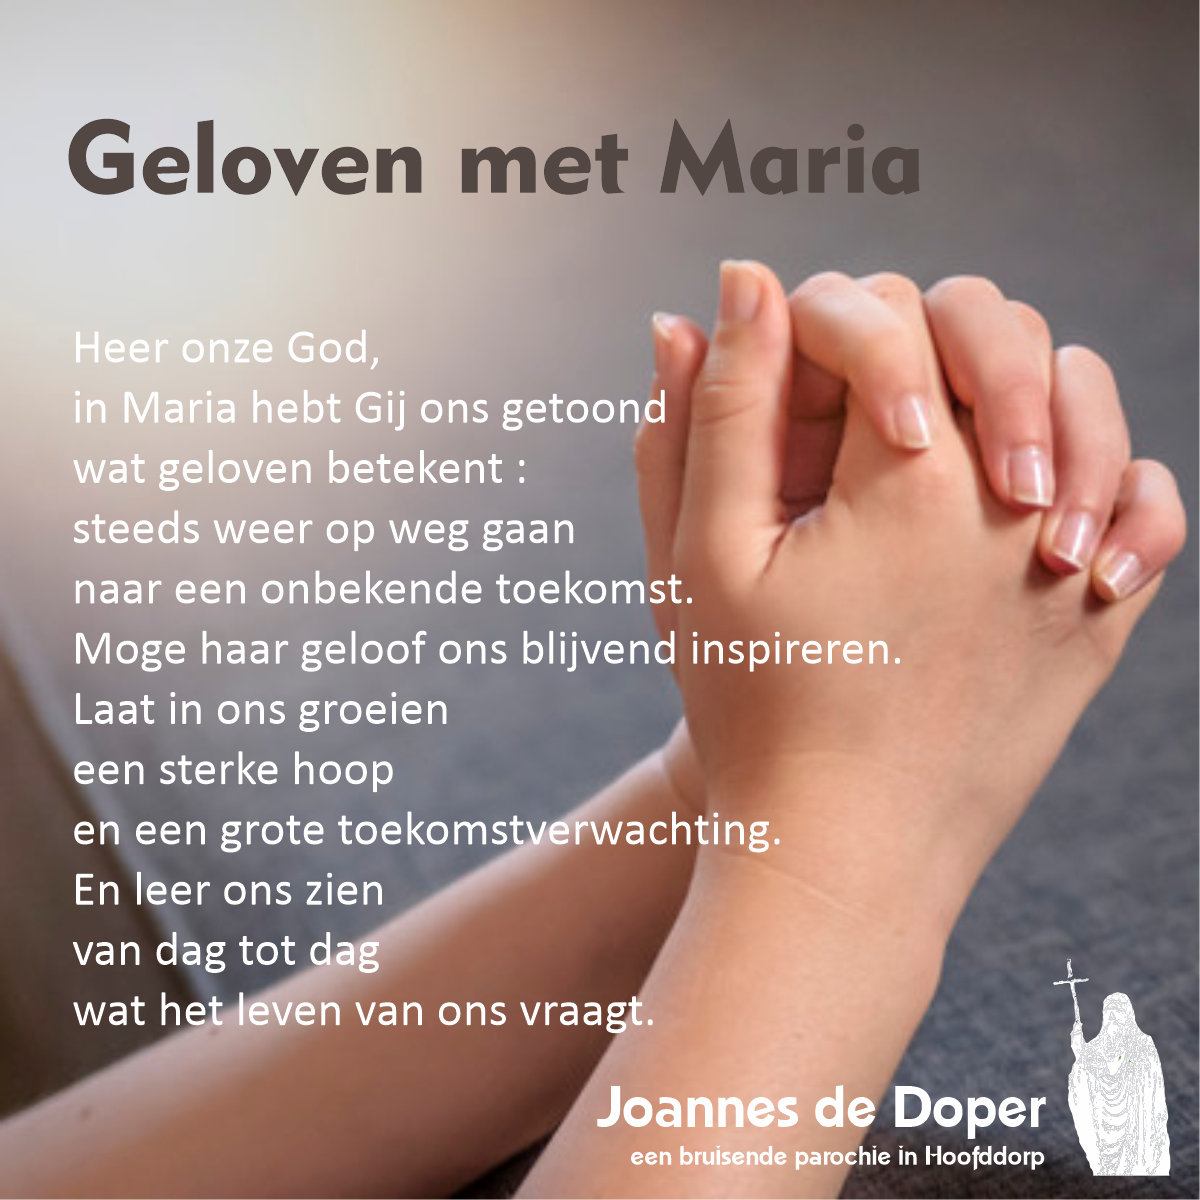 Geloven met Maria